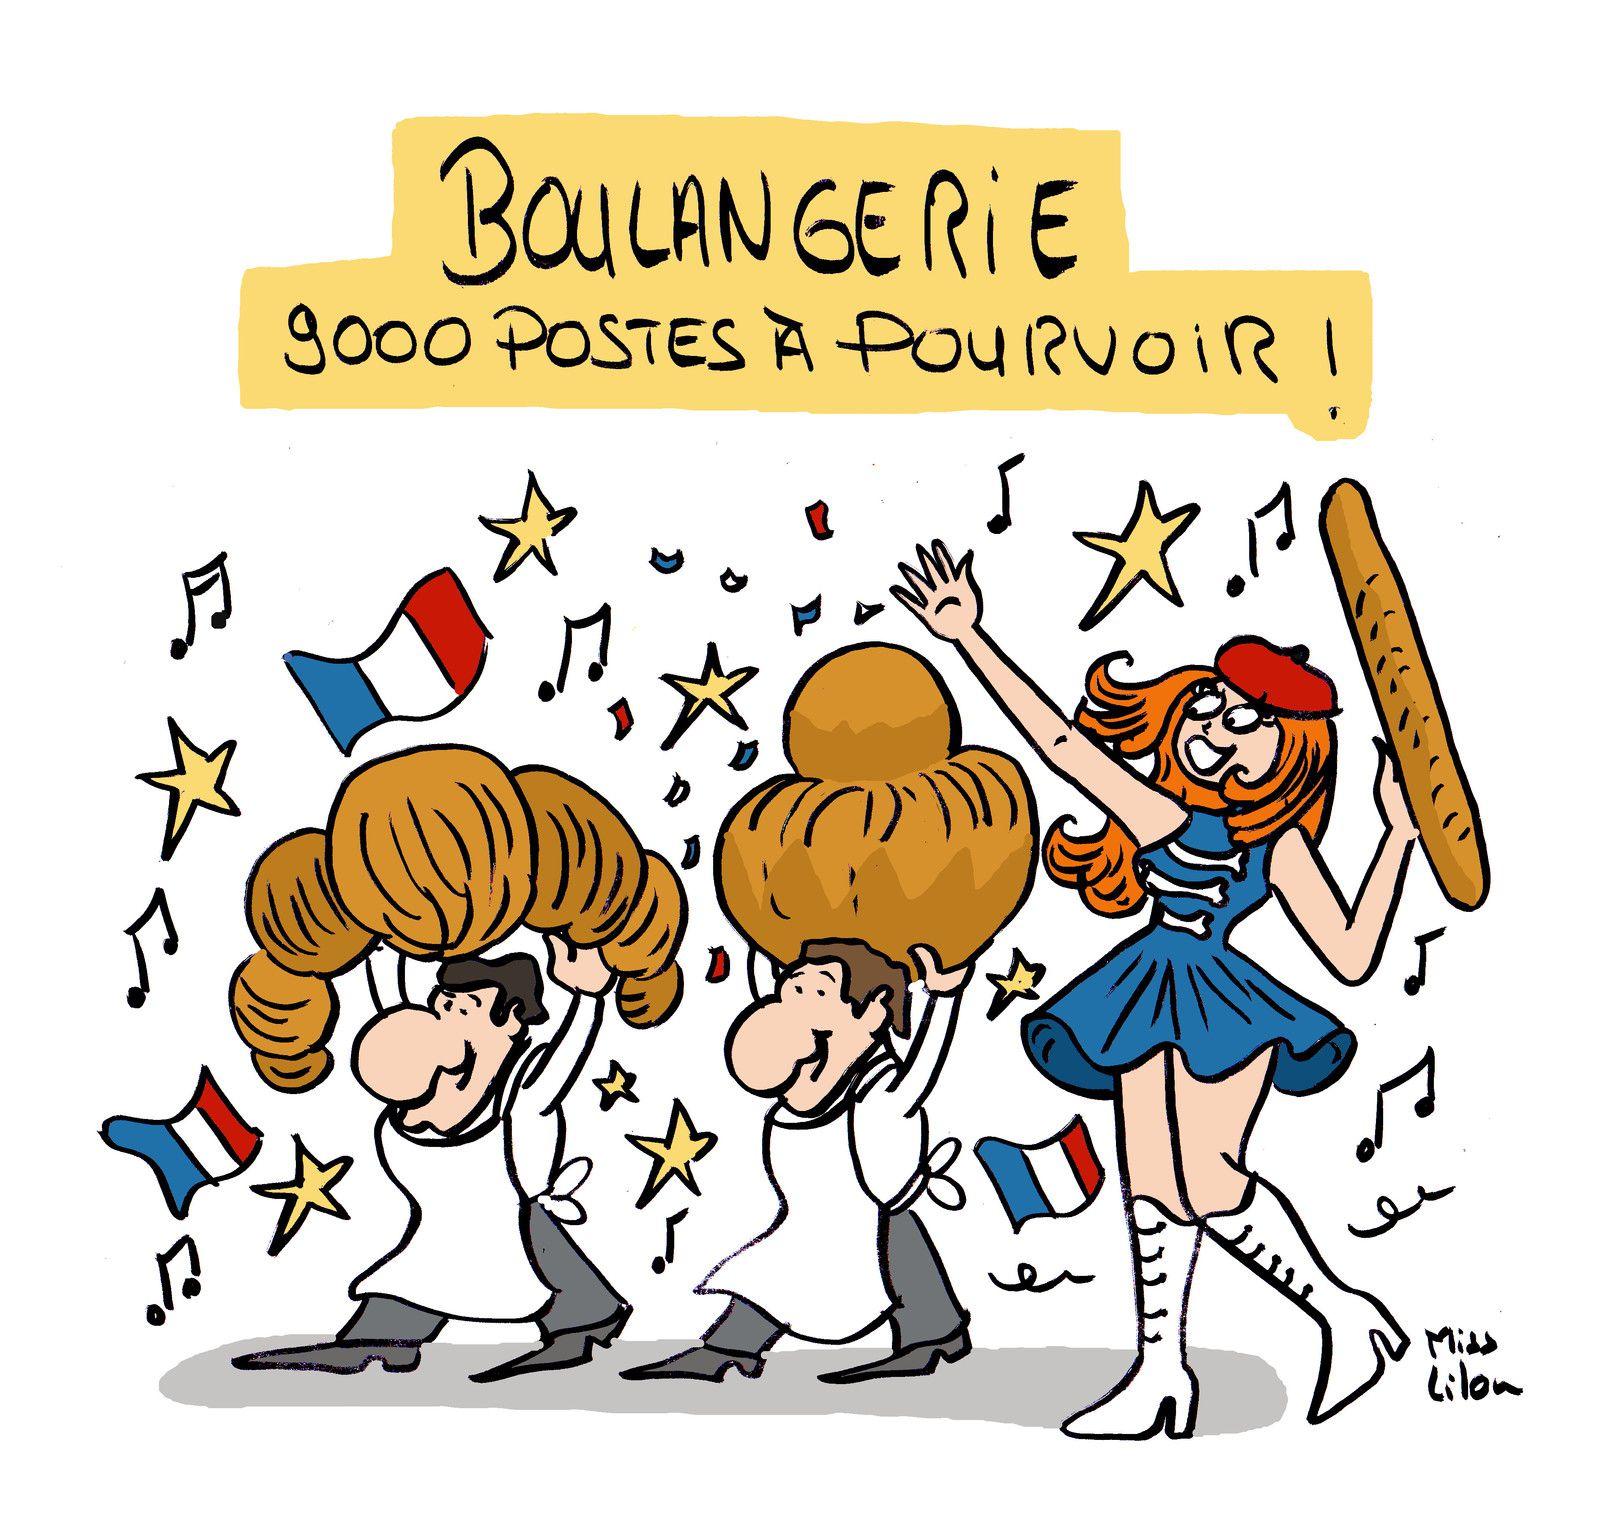 """""""Boulangerie : 9000 postes à pourvoir !"""""""